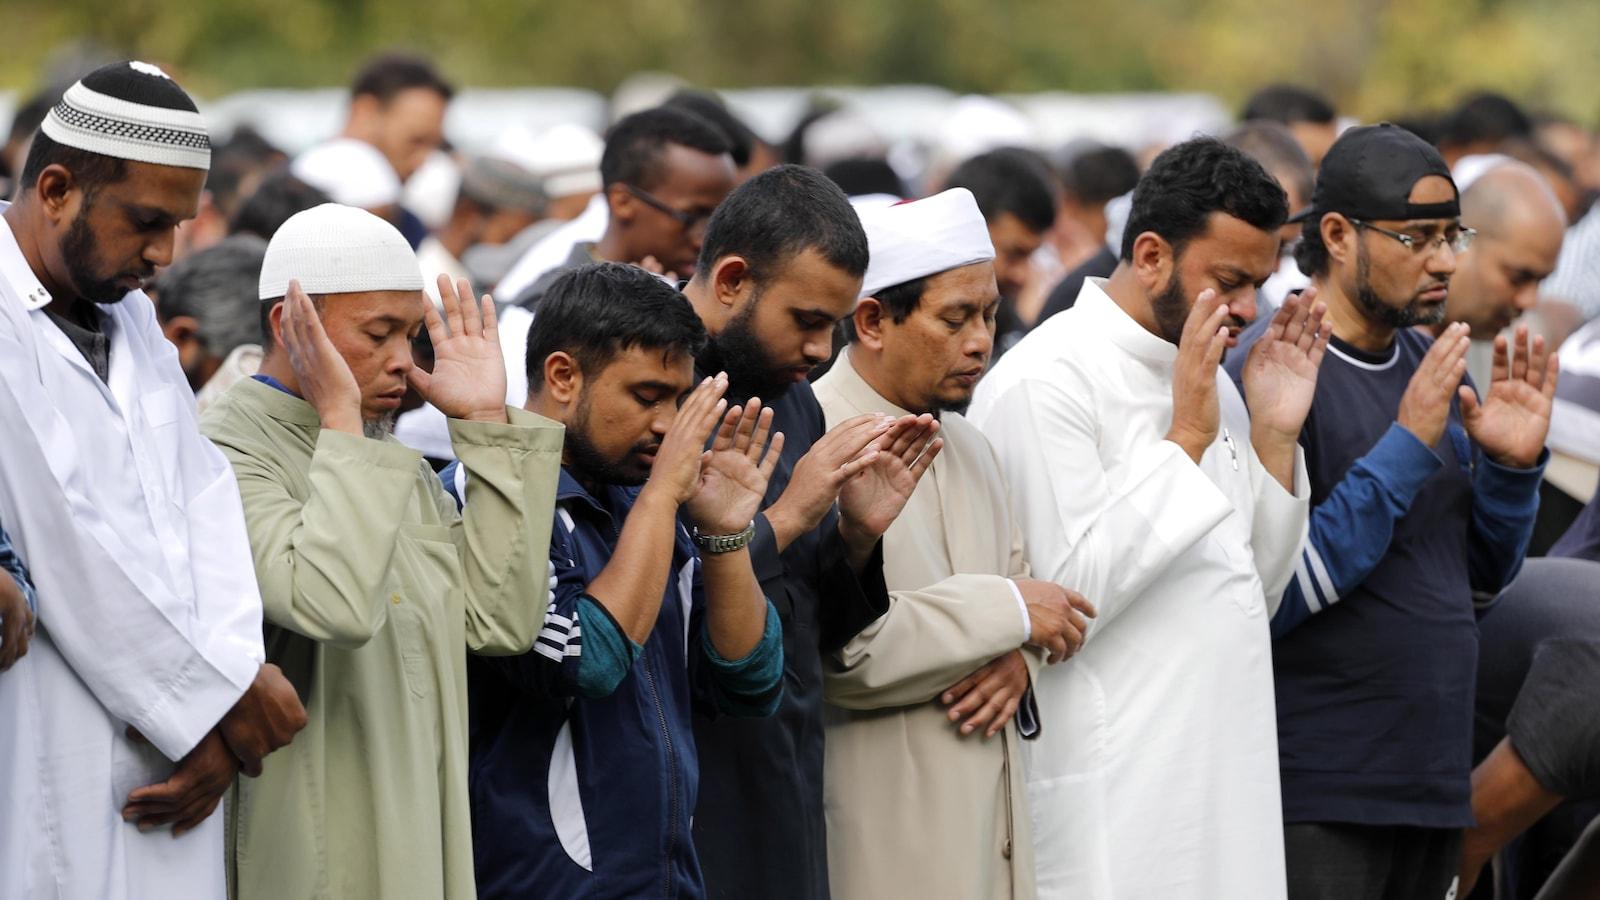 Des personnes debout prient les yeux fermés et les mains ouvertes.